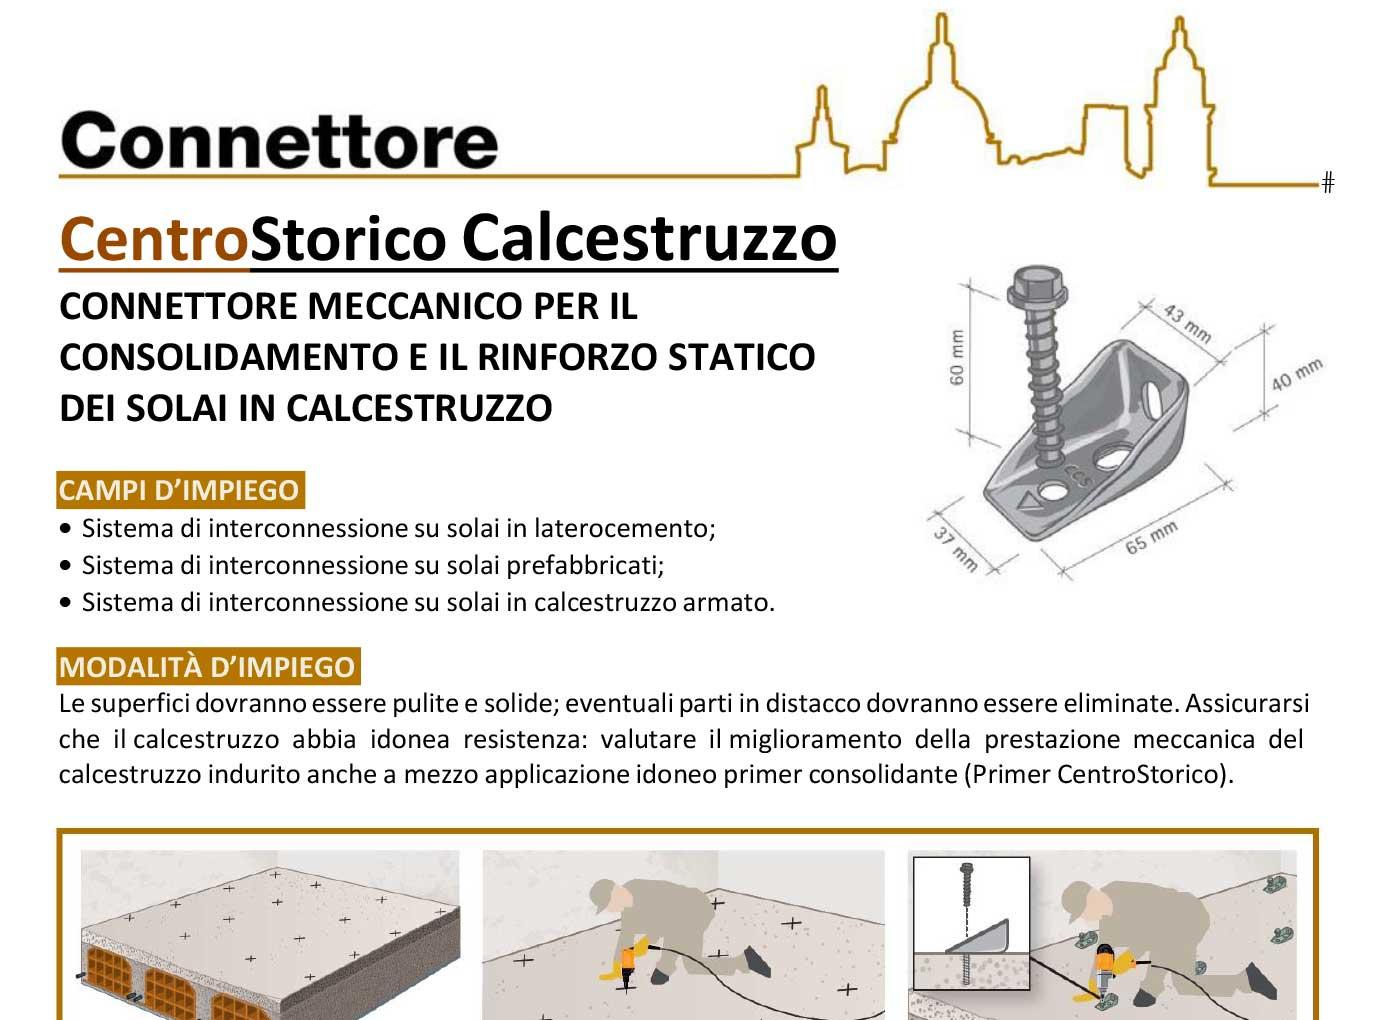 scheda-tecnica-connettore-calcestruzzo.centrostorico